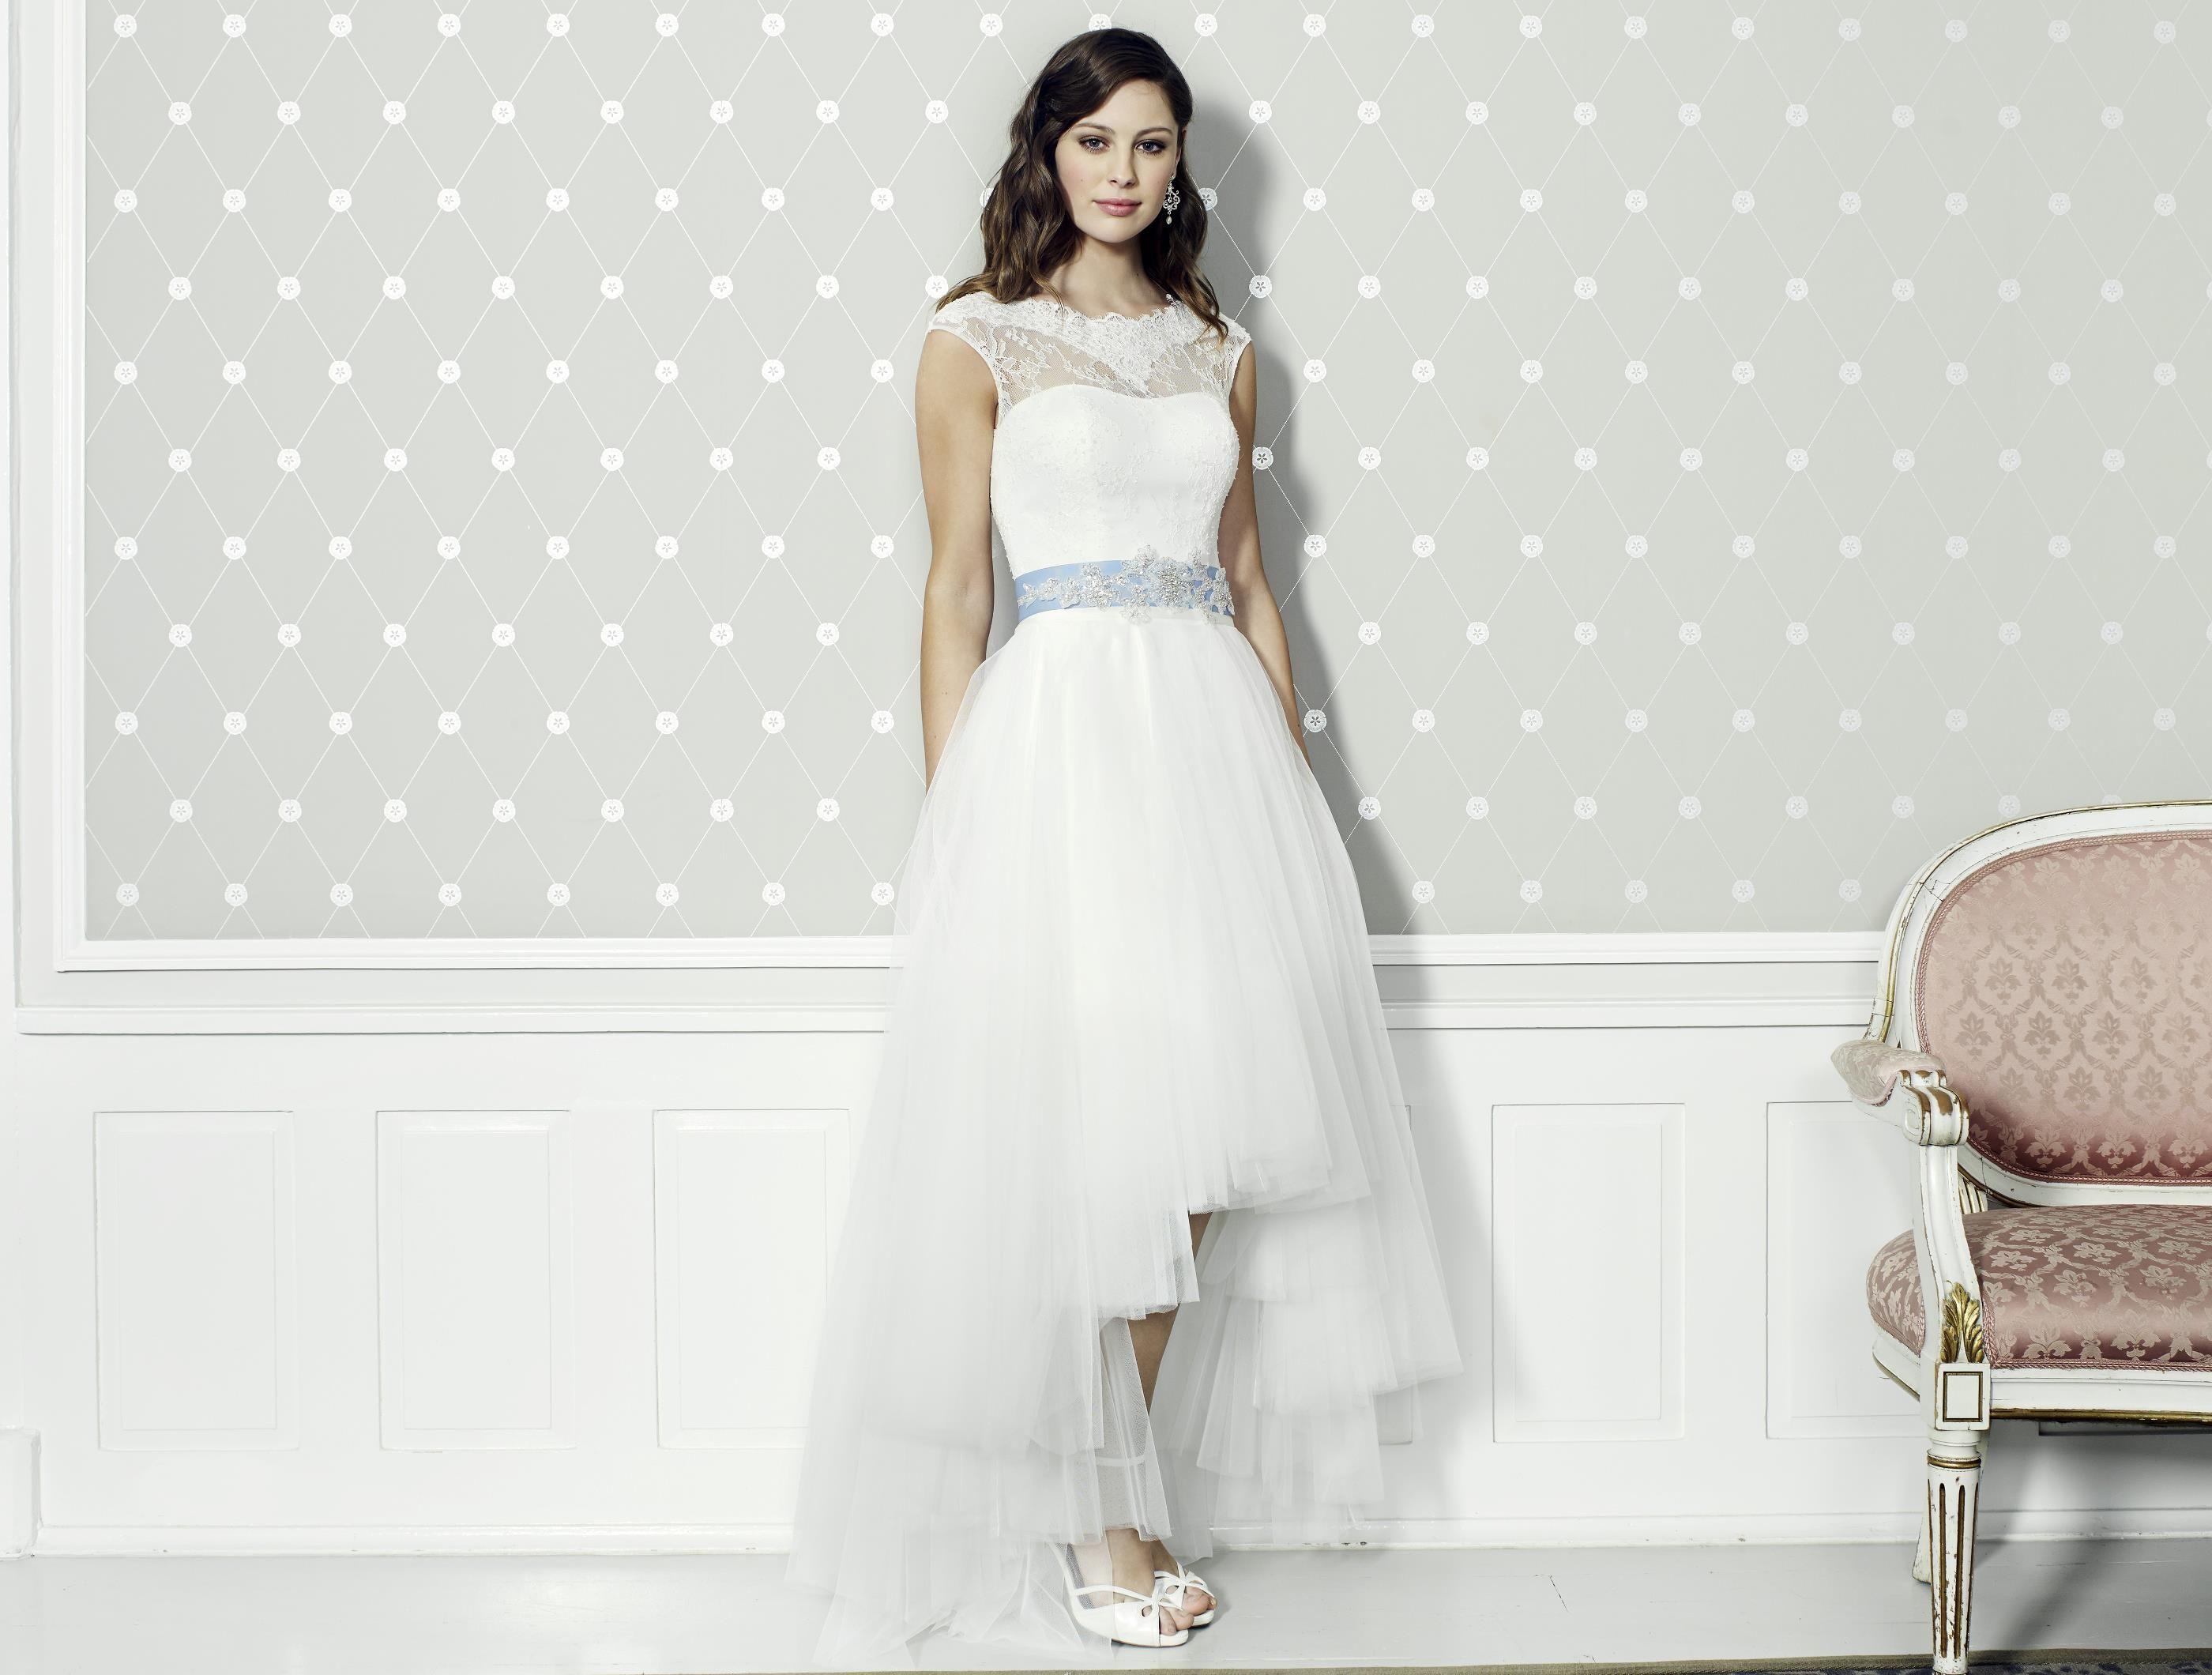 Brautkleid | hochzeitskleid kurz | Pinterest